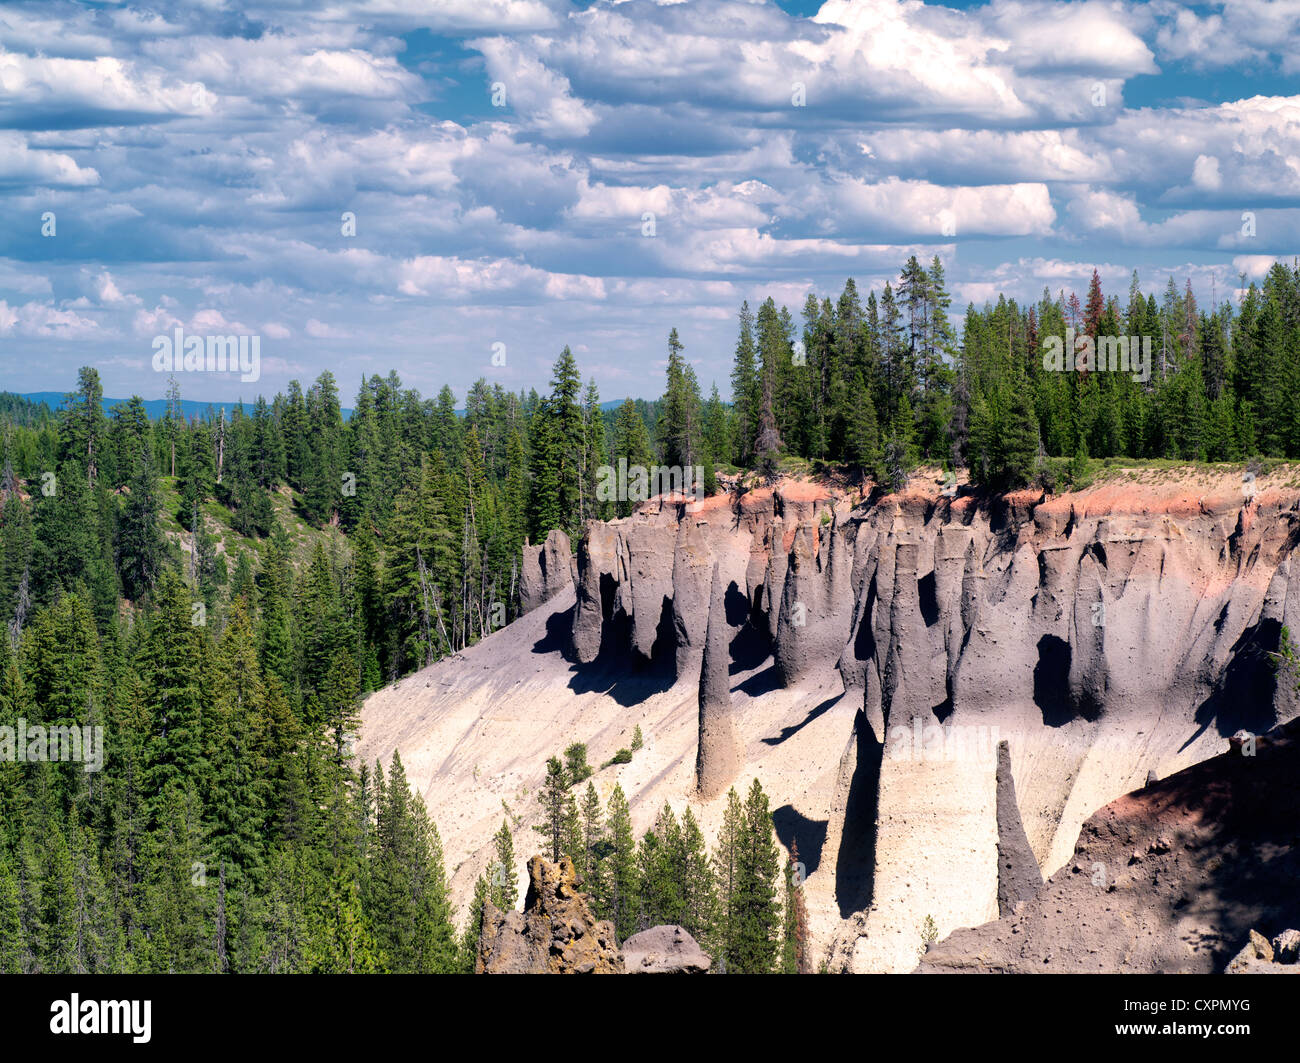 The Pinnacles at Crater Lake National Park, Oregon - Stock Image